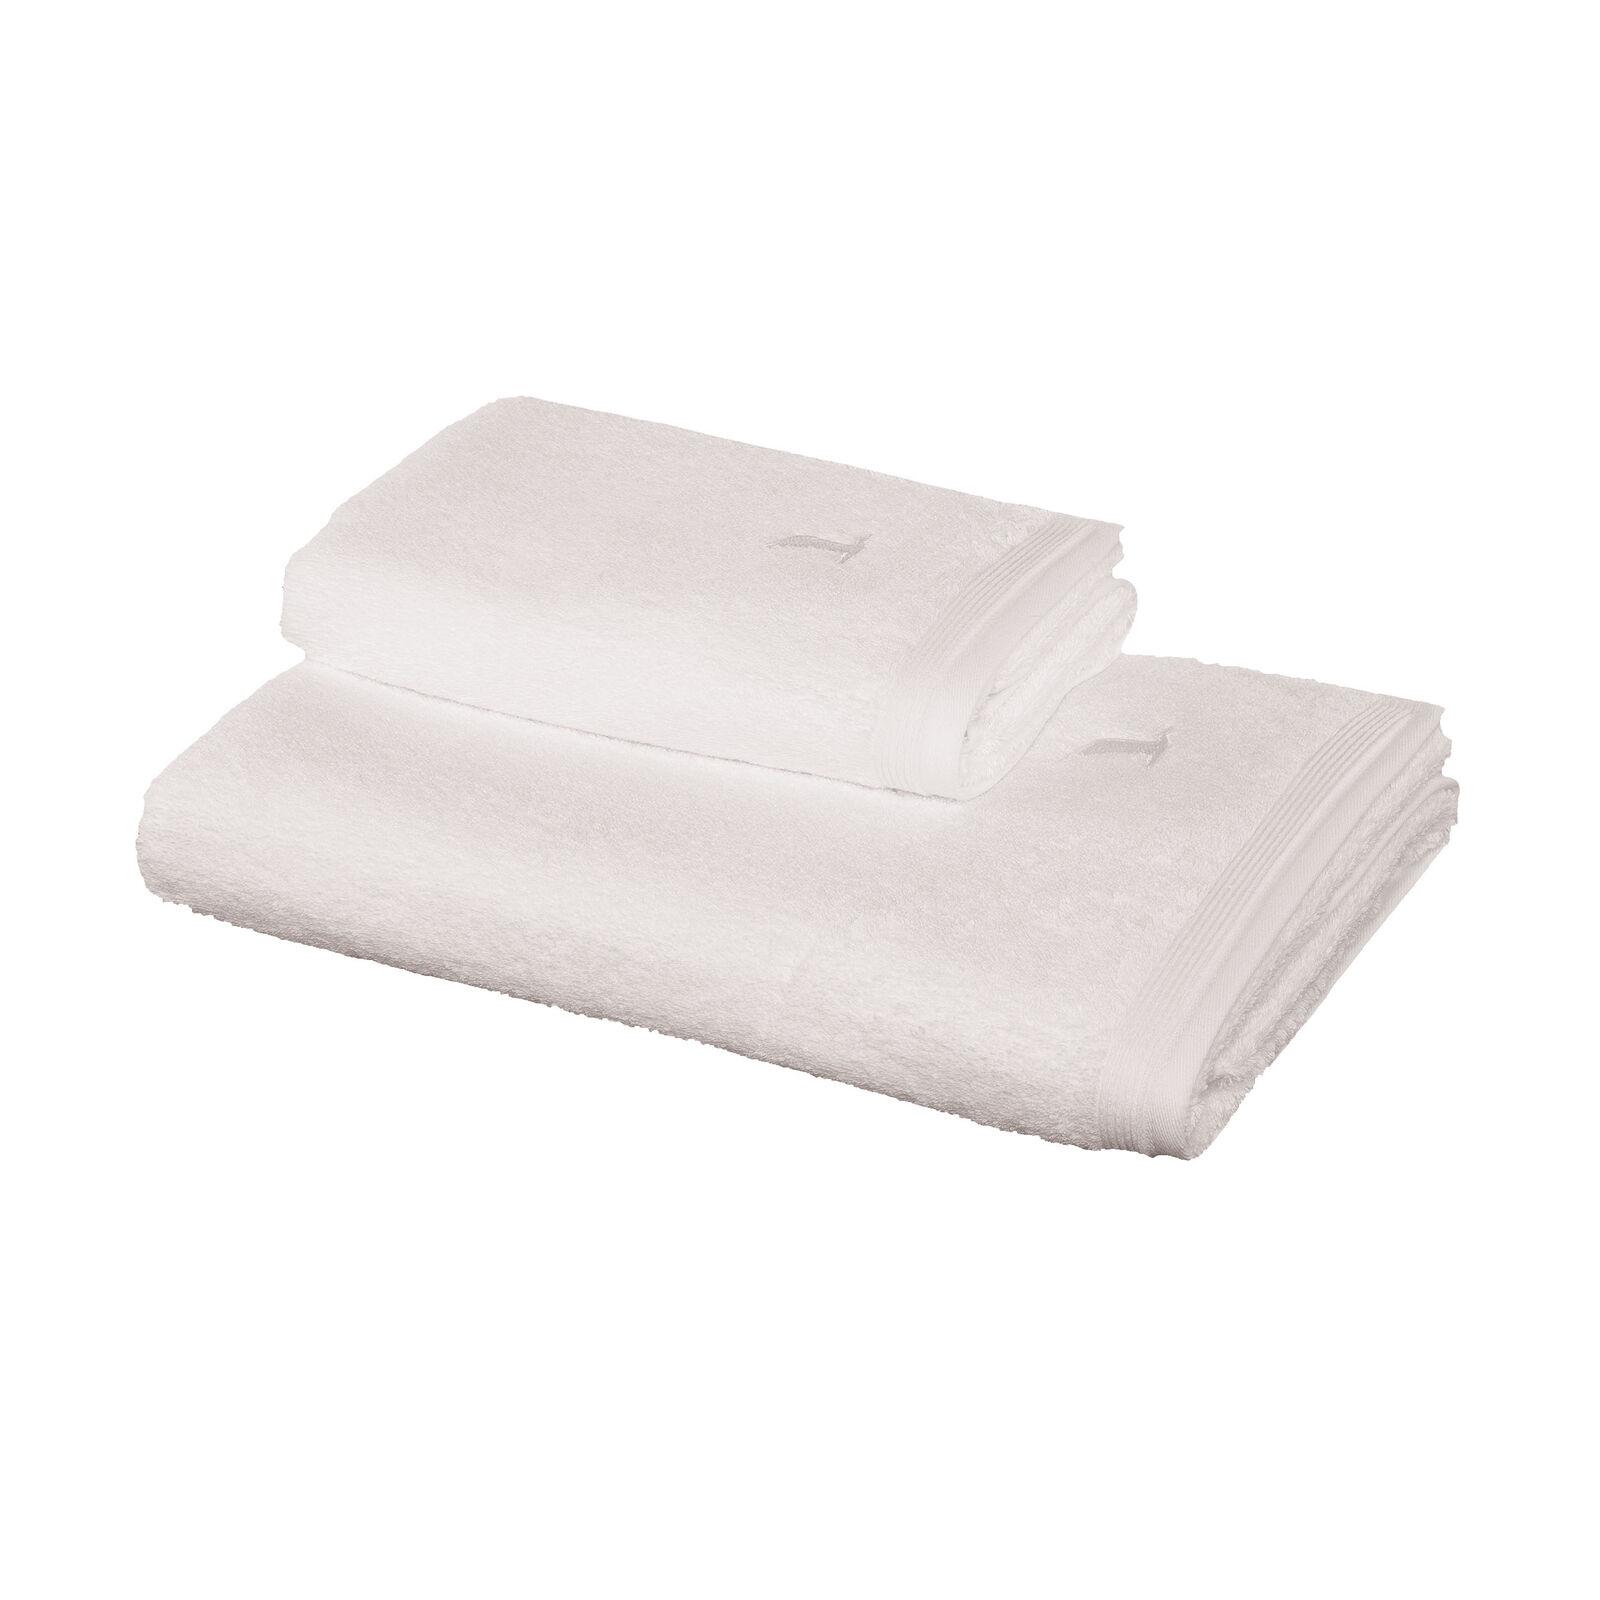 Möve Superwuschel Duschtuch weiß neu weiß 150 x 80 cm